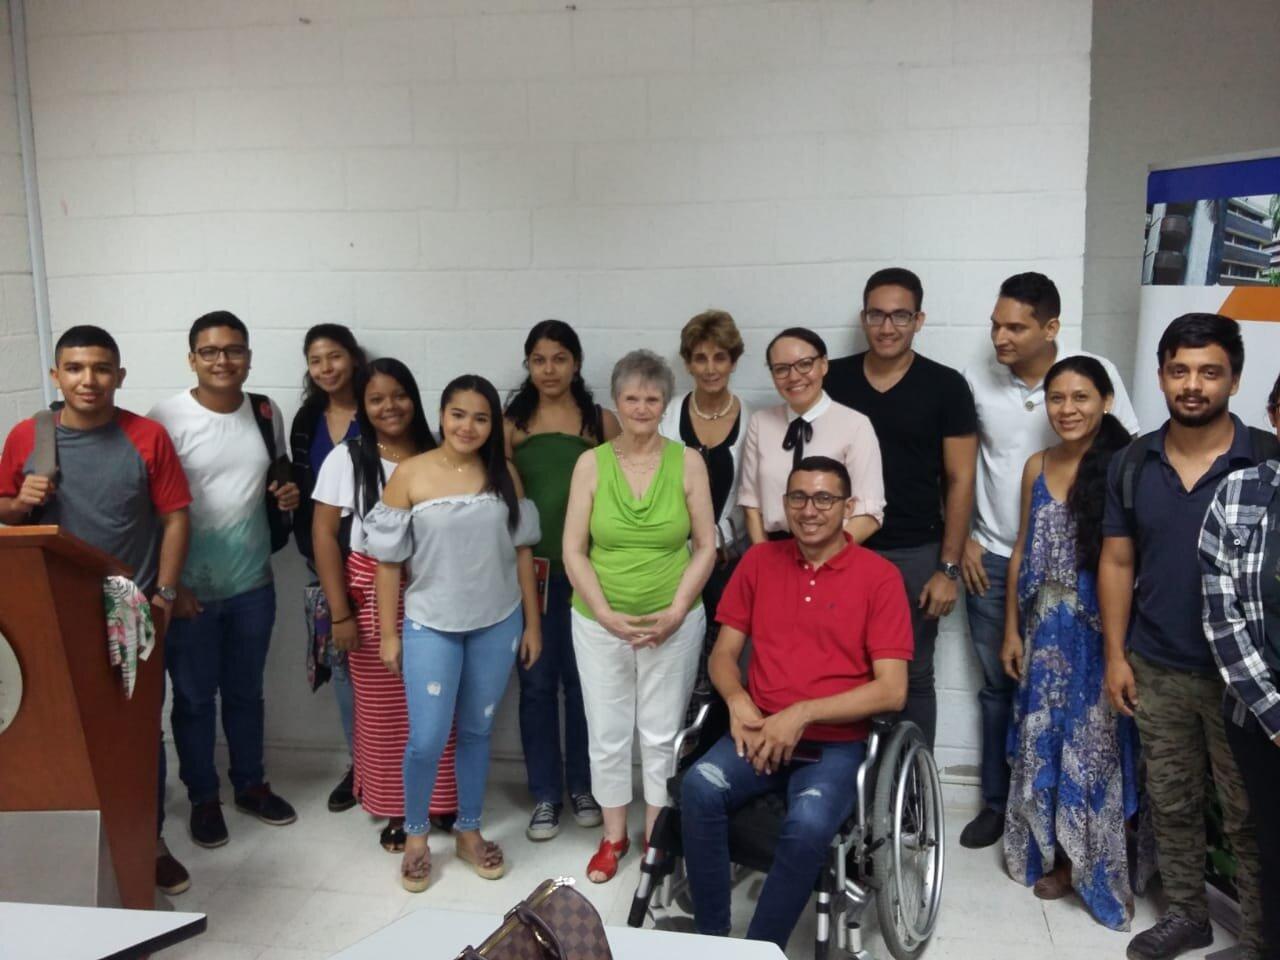 Algunos asistentes en la Universidad del Atlántico